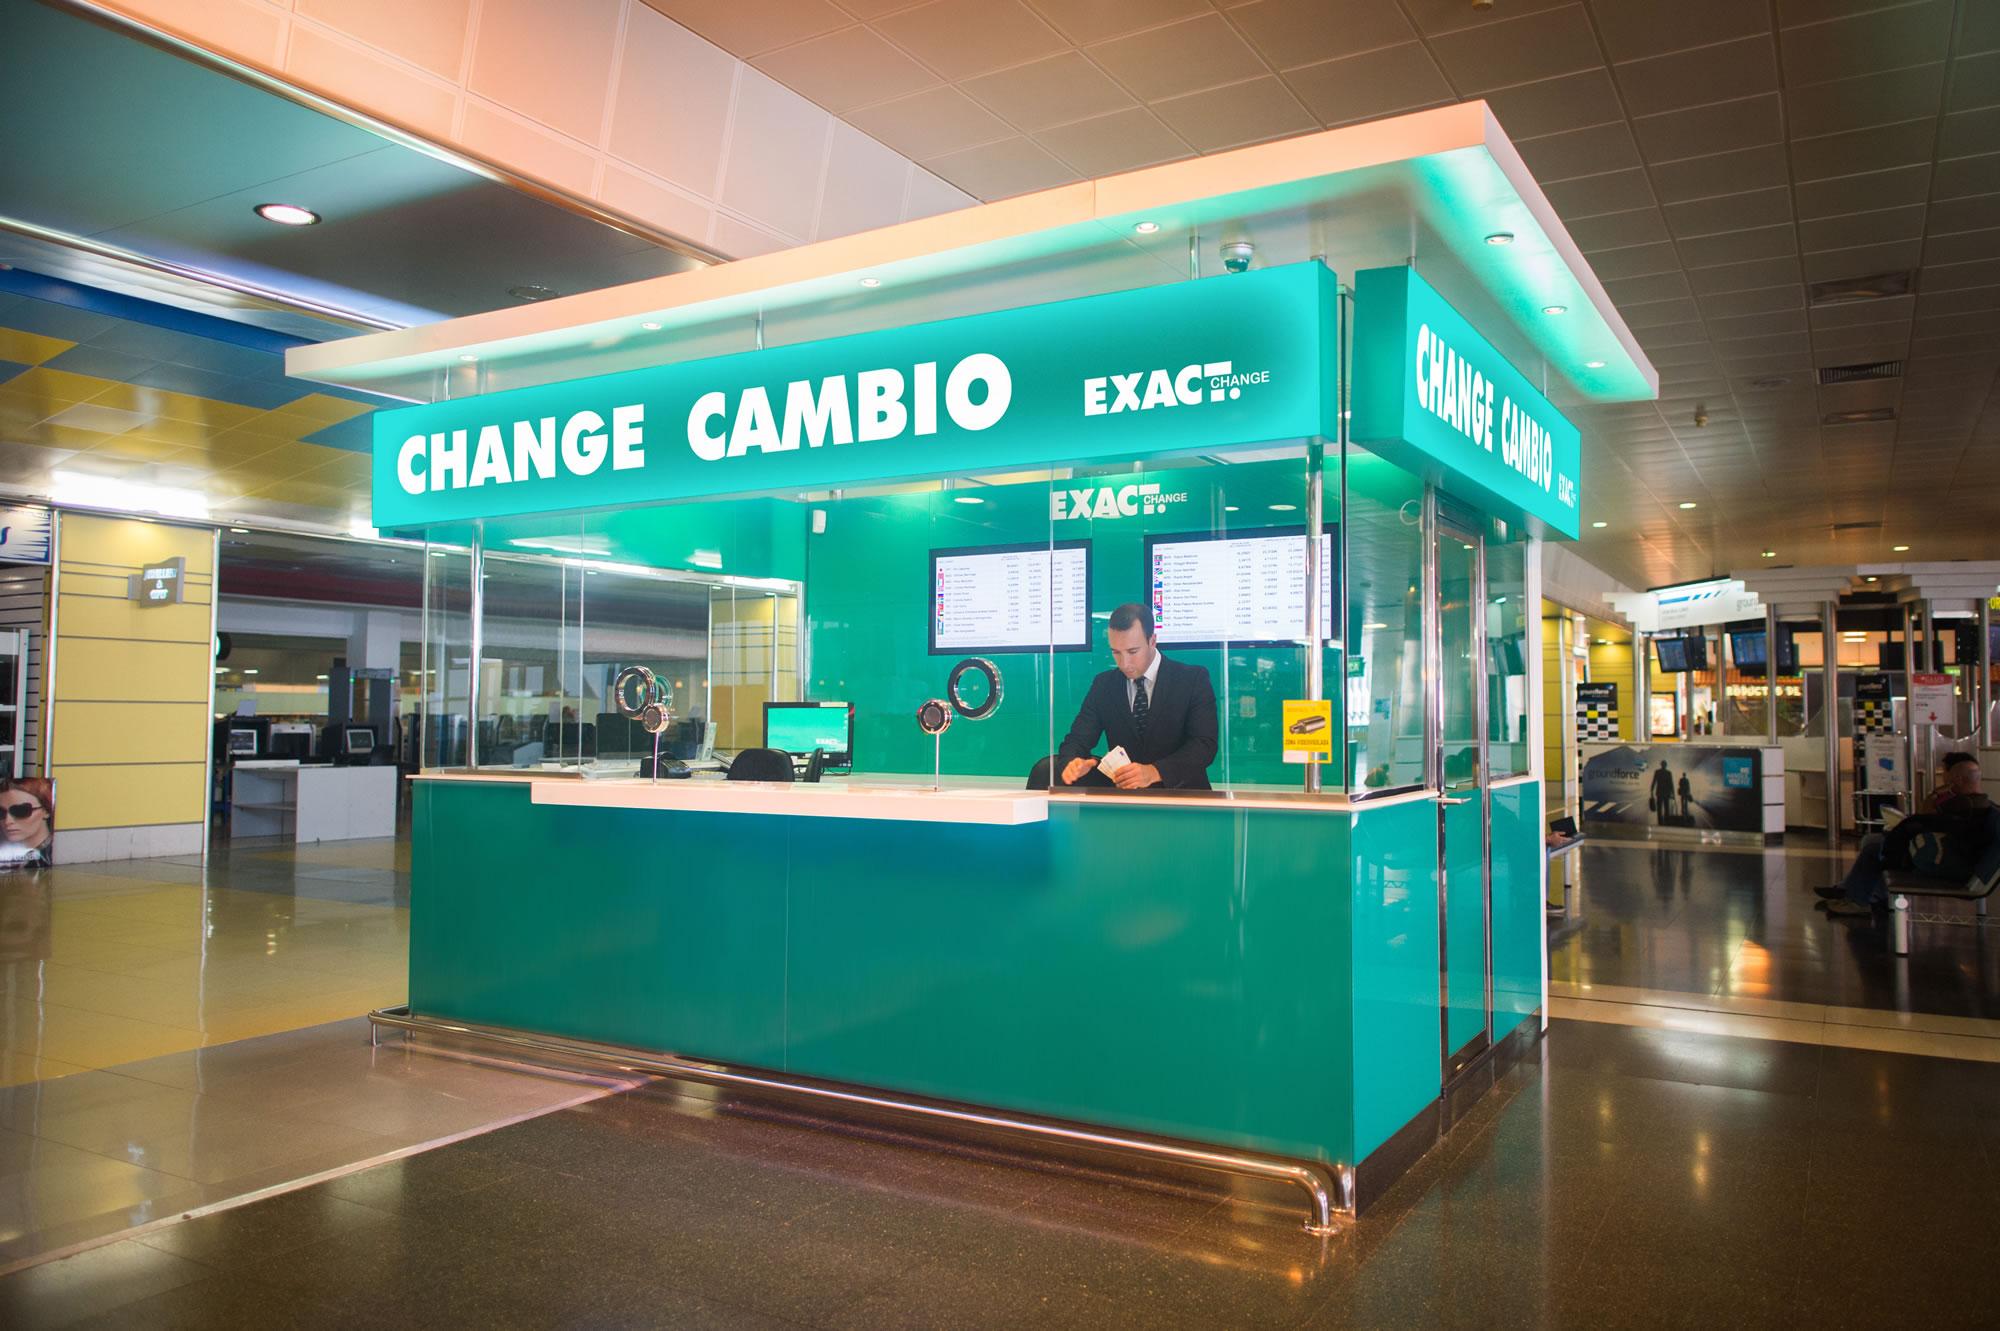 Oficinas exact change para cambiar divisas en alicante - Oficinas de cambio de moneda en barcelona ...